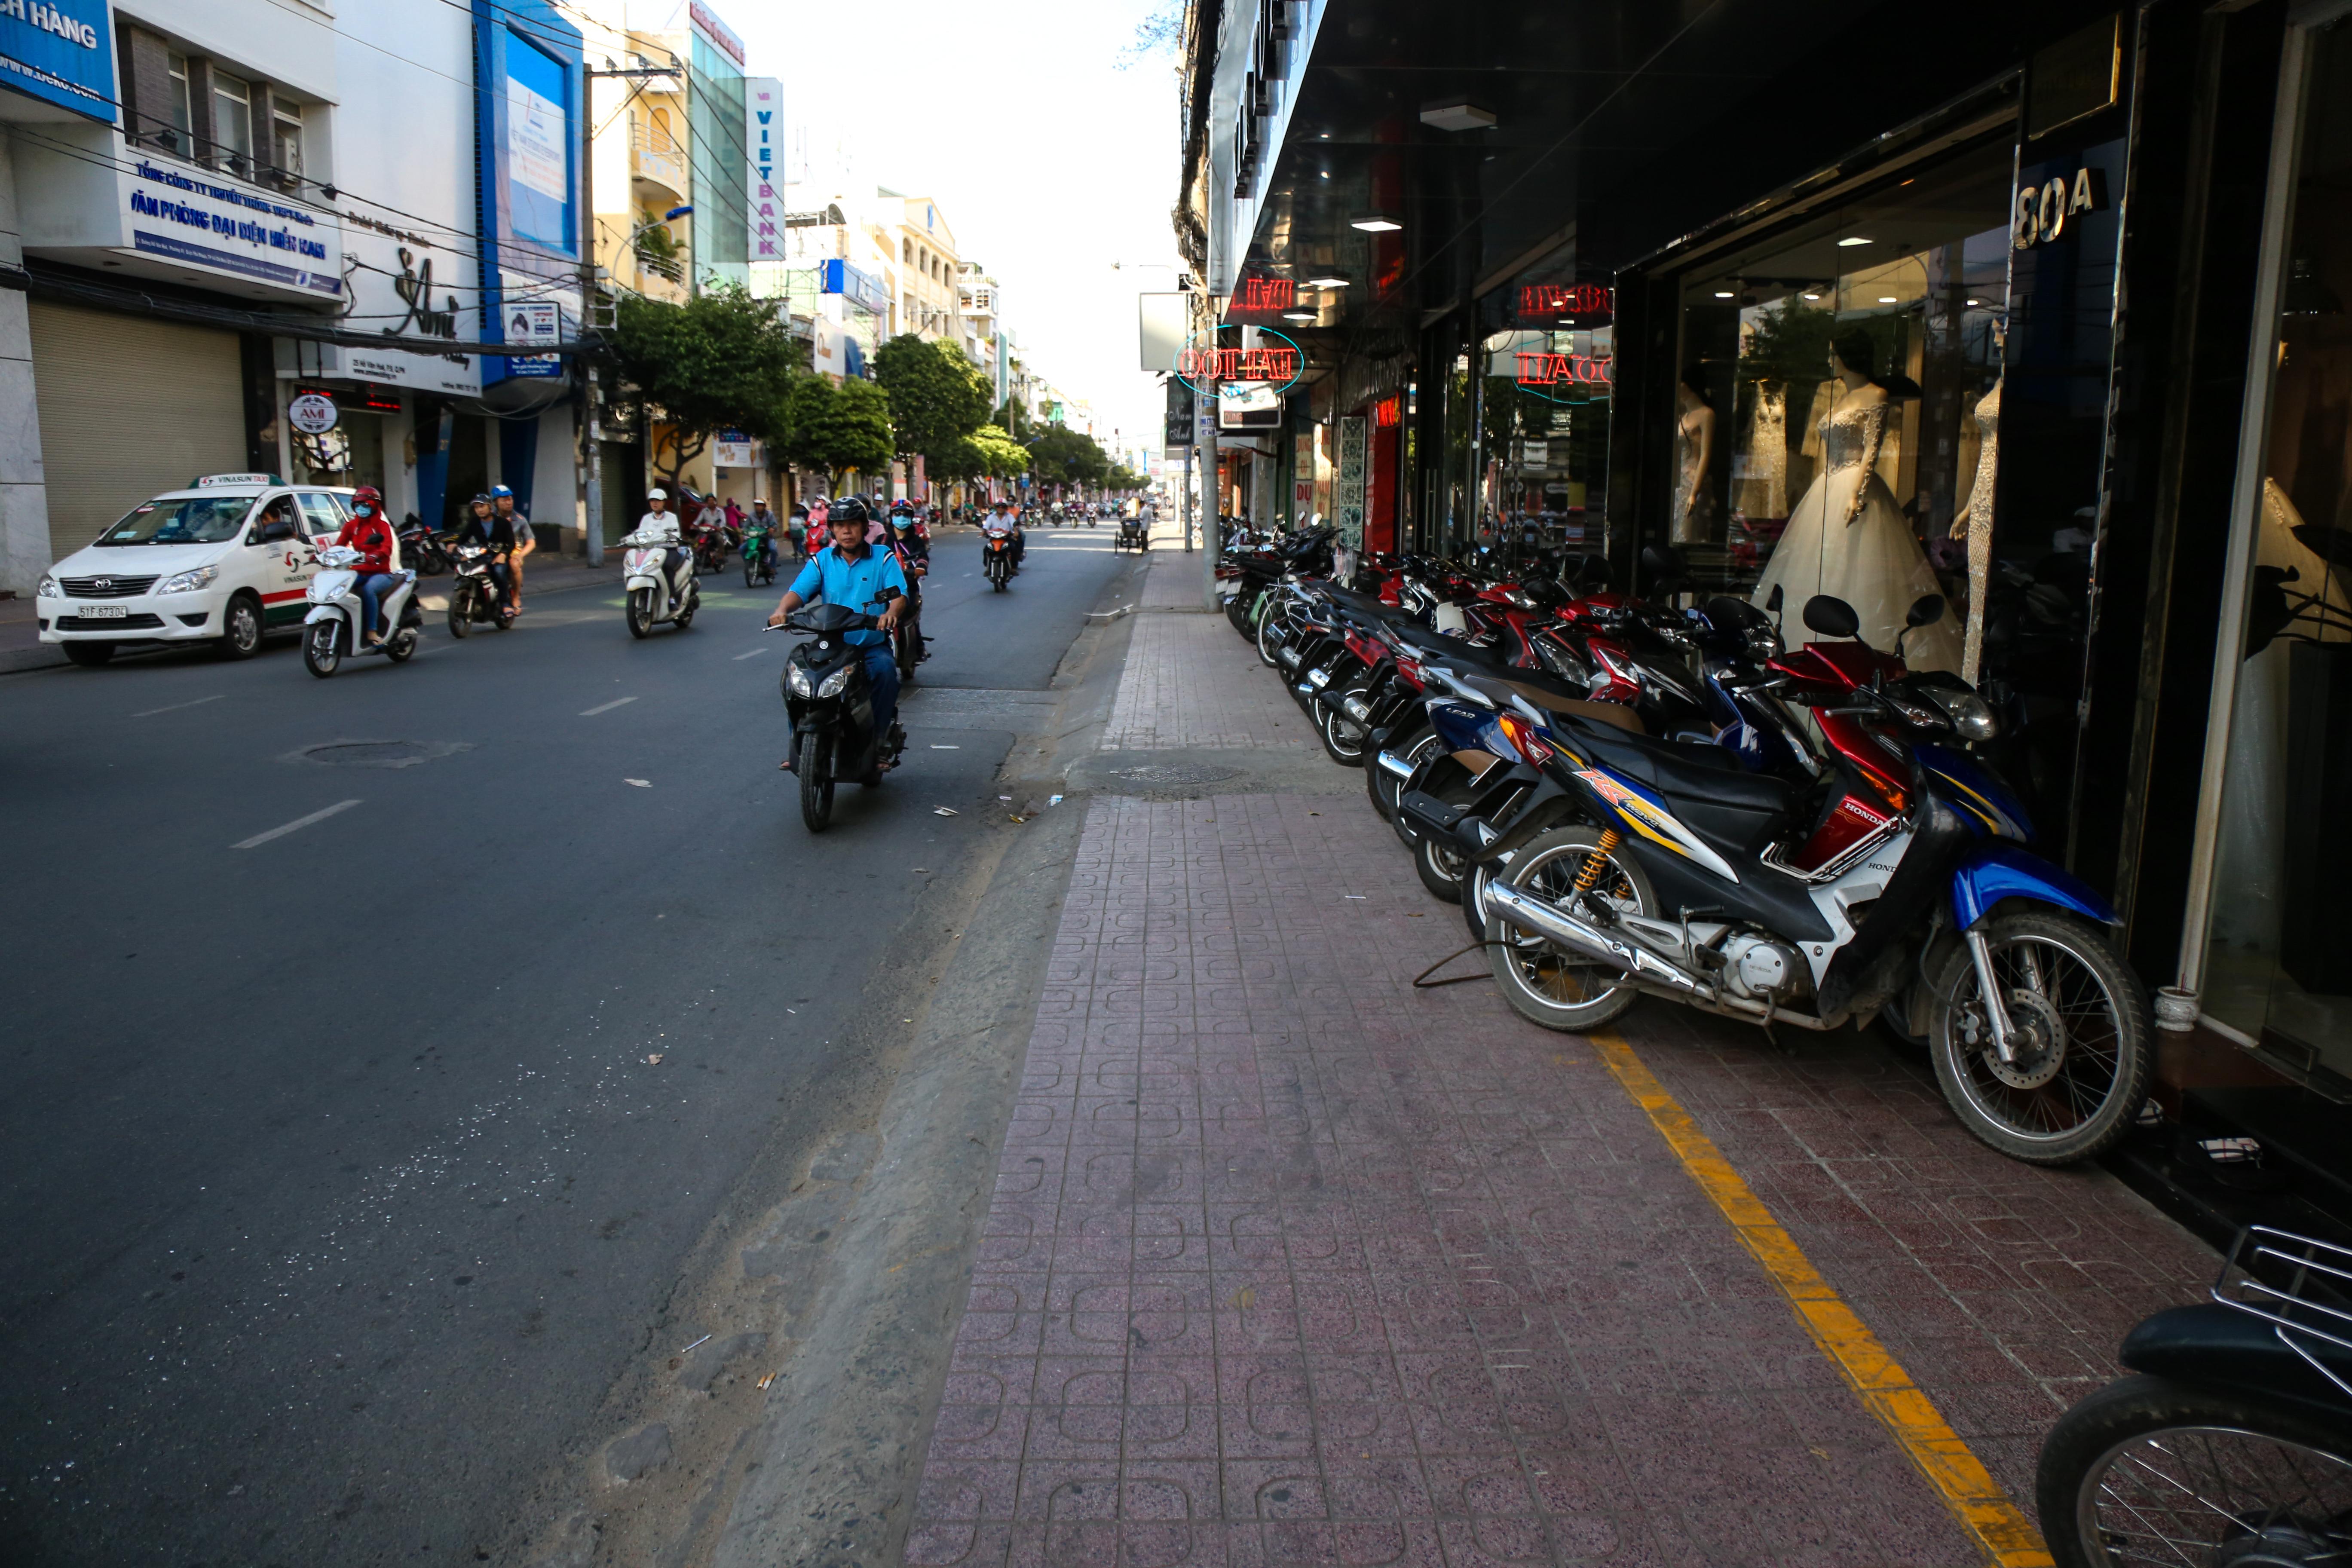 Vỉa hè Sài Gòn sau khi được phân chia bằng vạch kẻ: Người đi bộ thoải mái, dân buôn bán hài lòng - Ảnh 4.